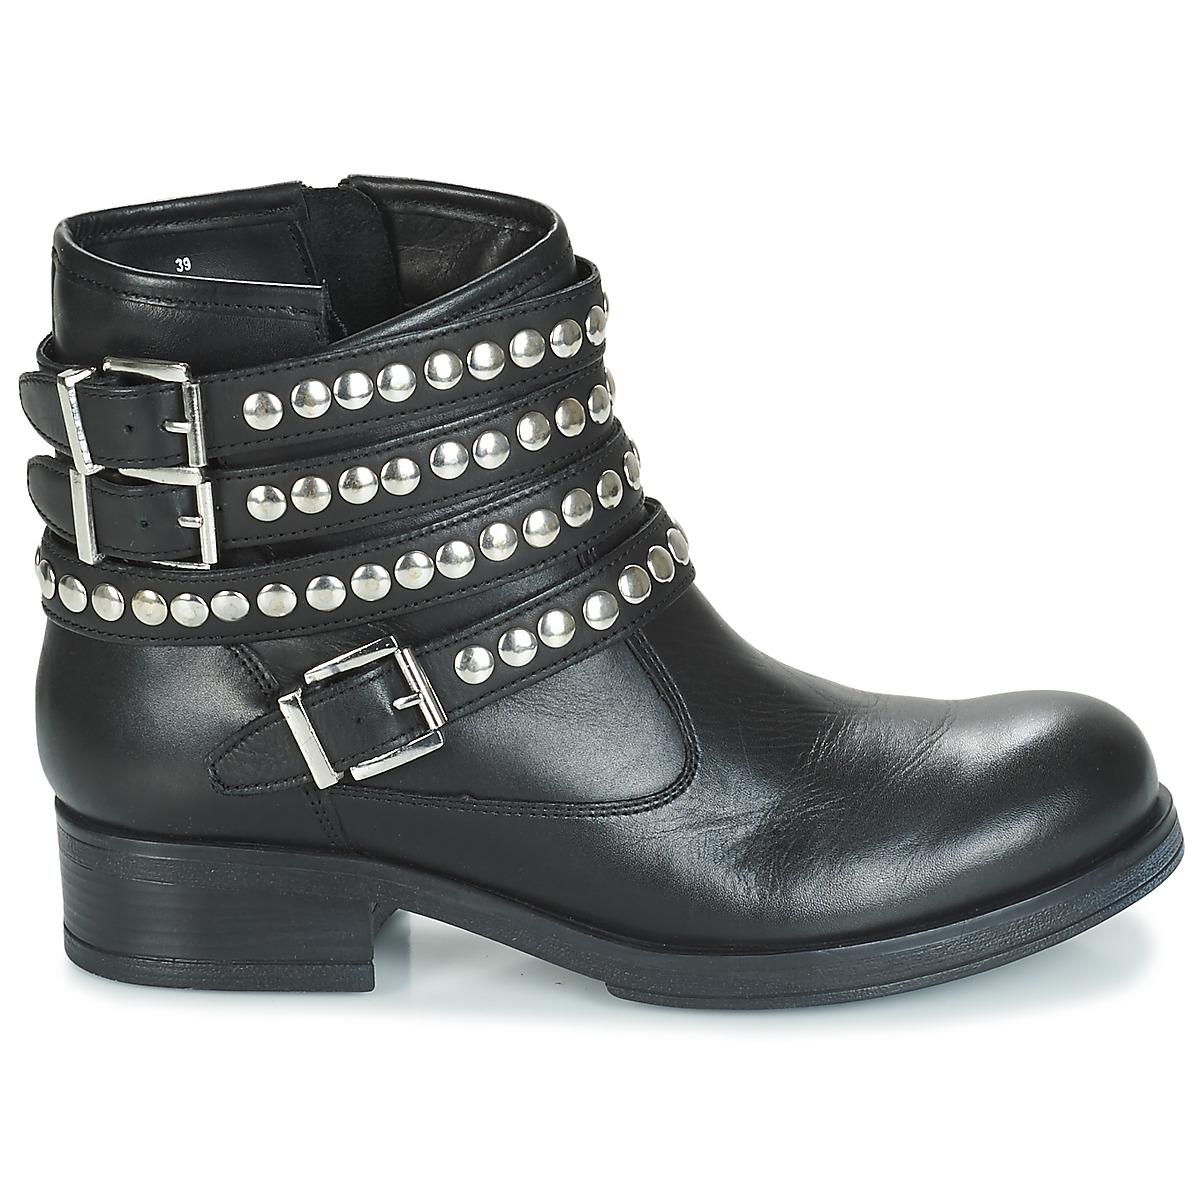 André Ofelia Noir - Livraison Gratuite Chaussures Boot Femme 111,20 €